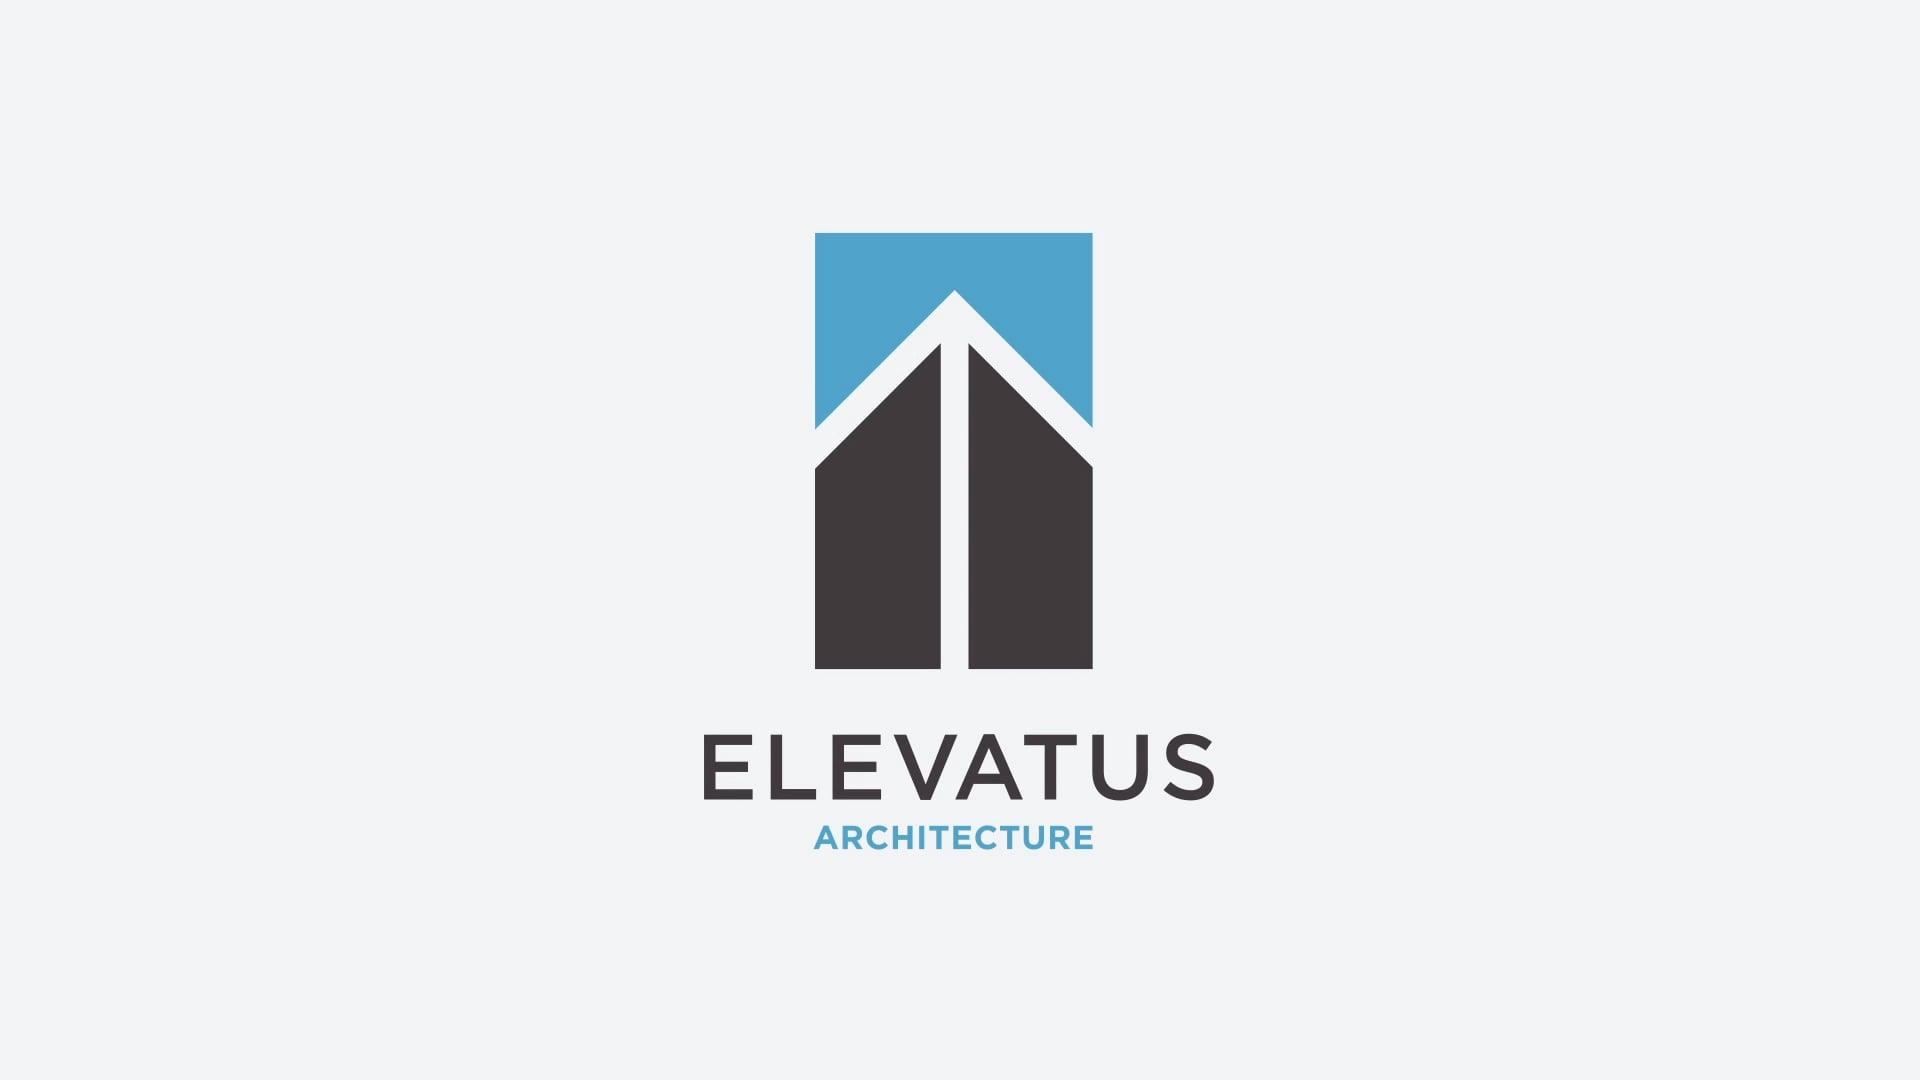 Elevatus Architecture